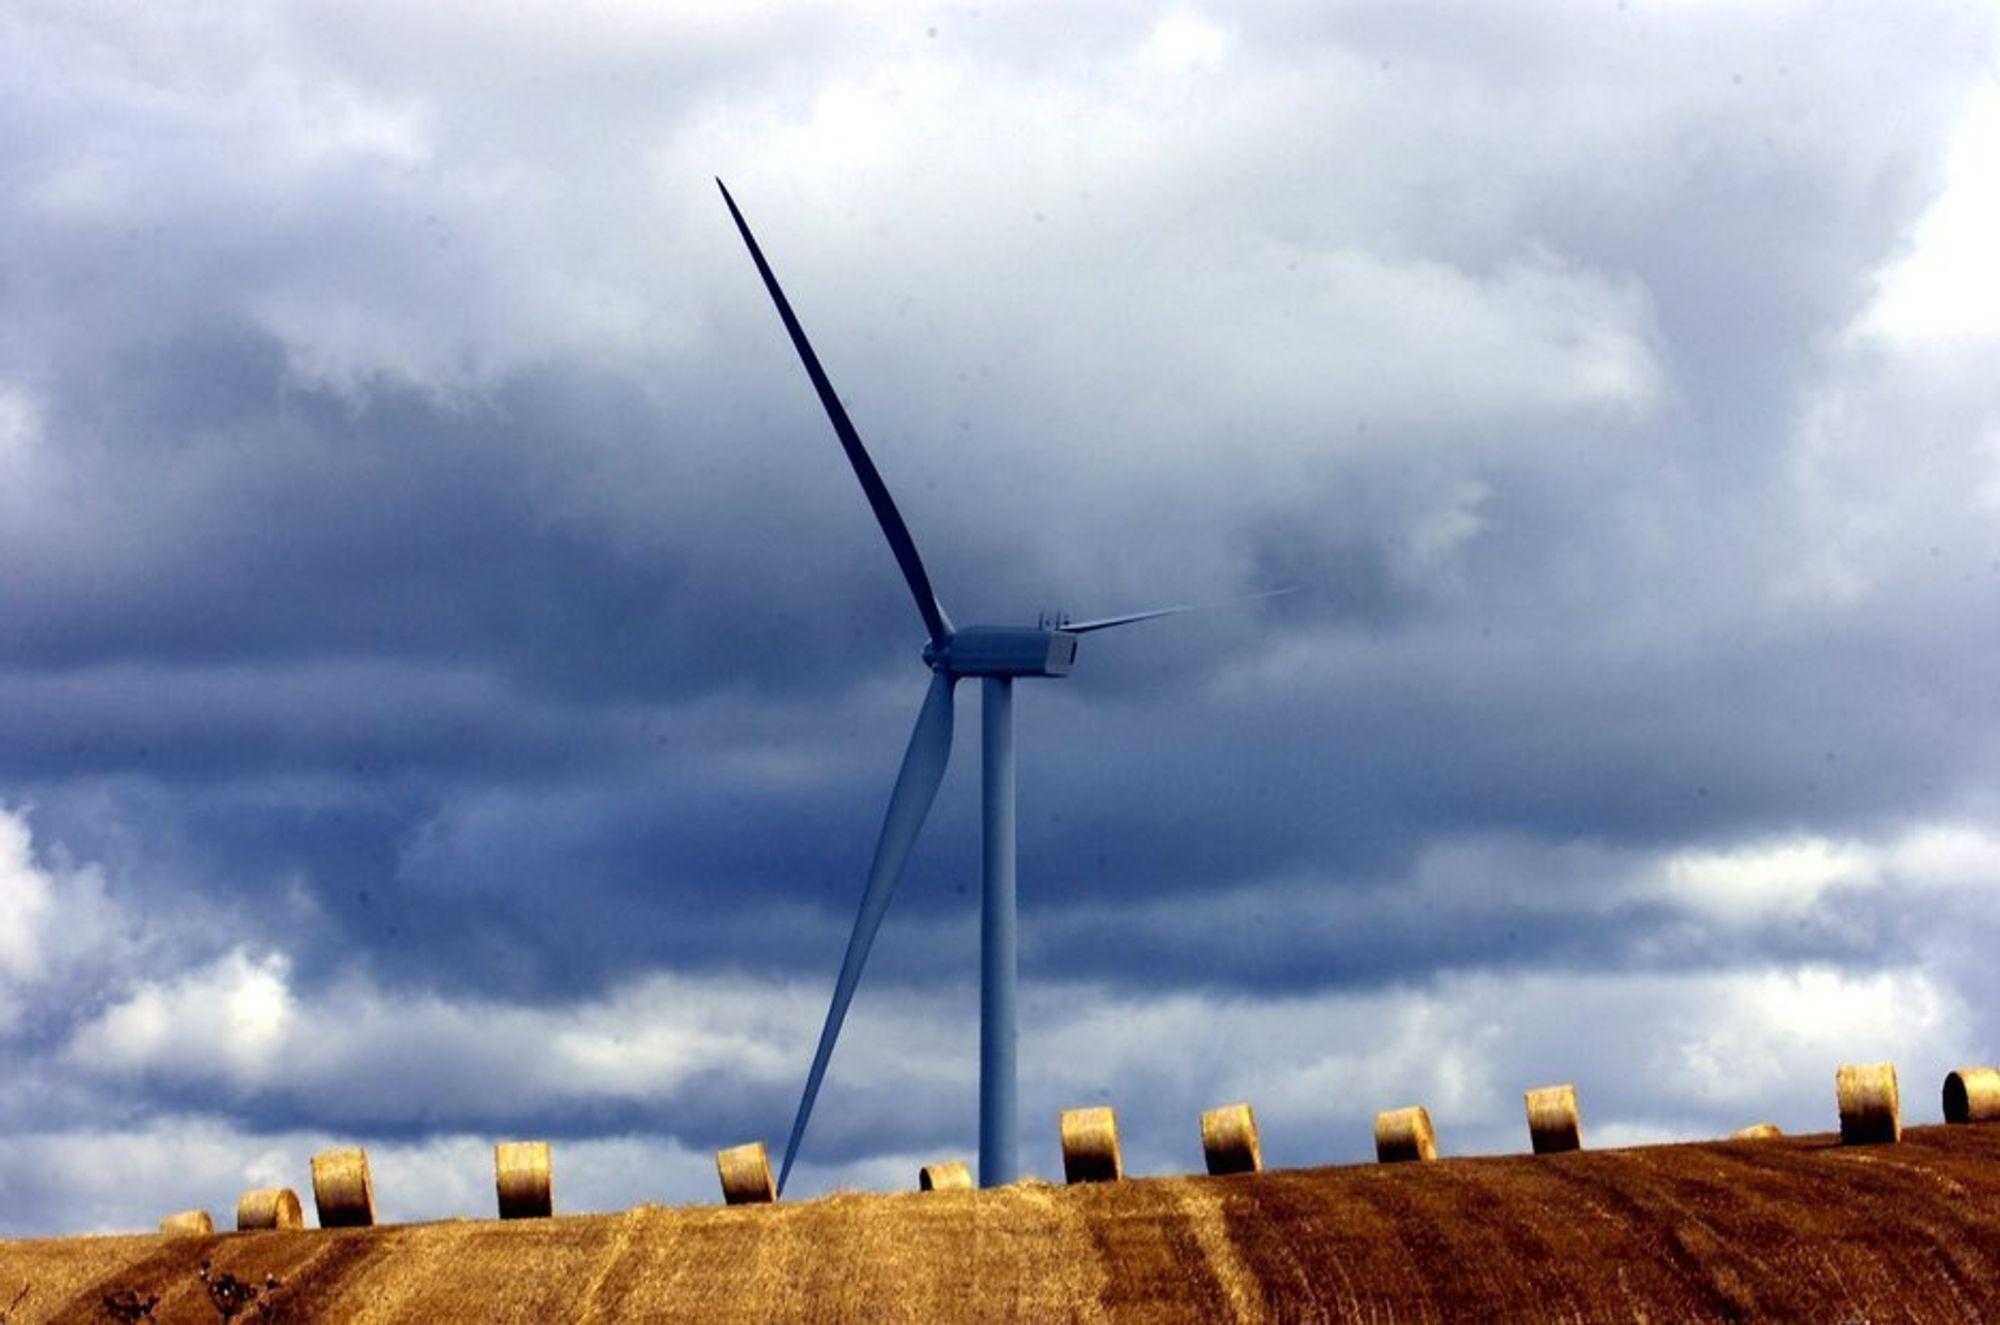 STRENGE KRAV: Kravene til de som vil søke om støtte til å bygge vindparker er så strenge, at det per i dag bare er tre aktuelle søkere.